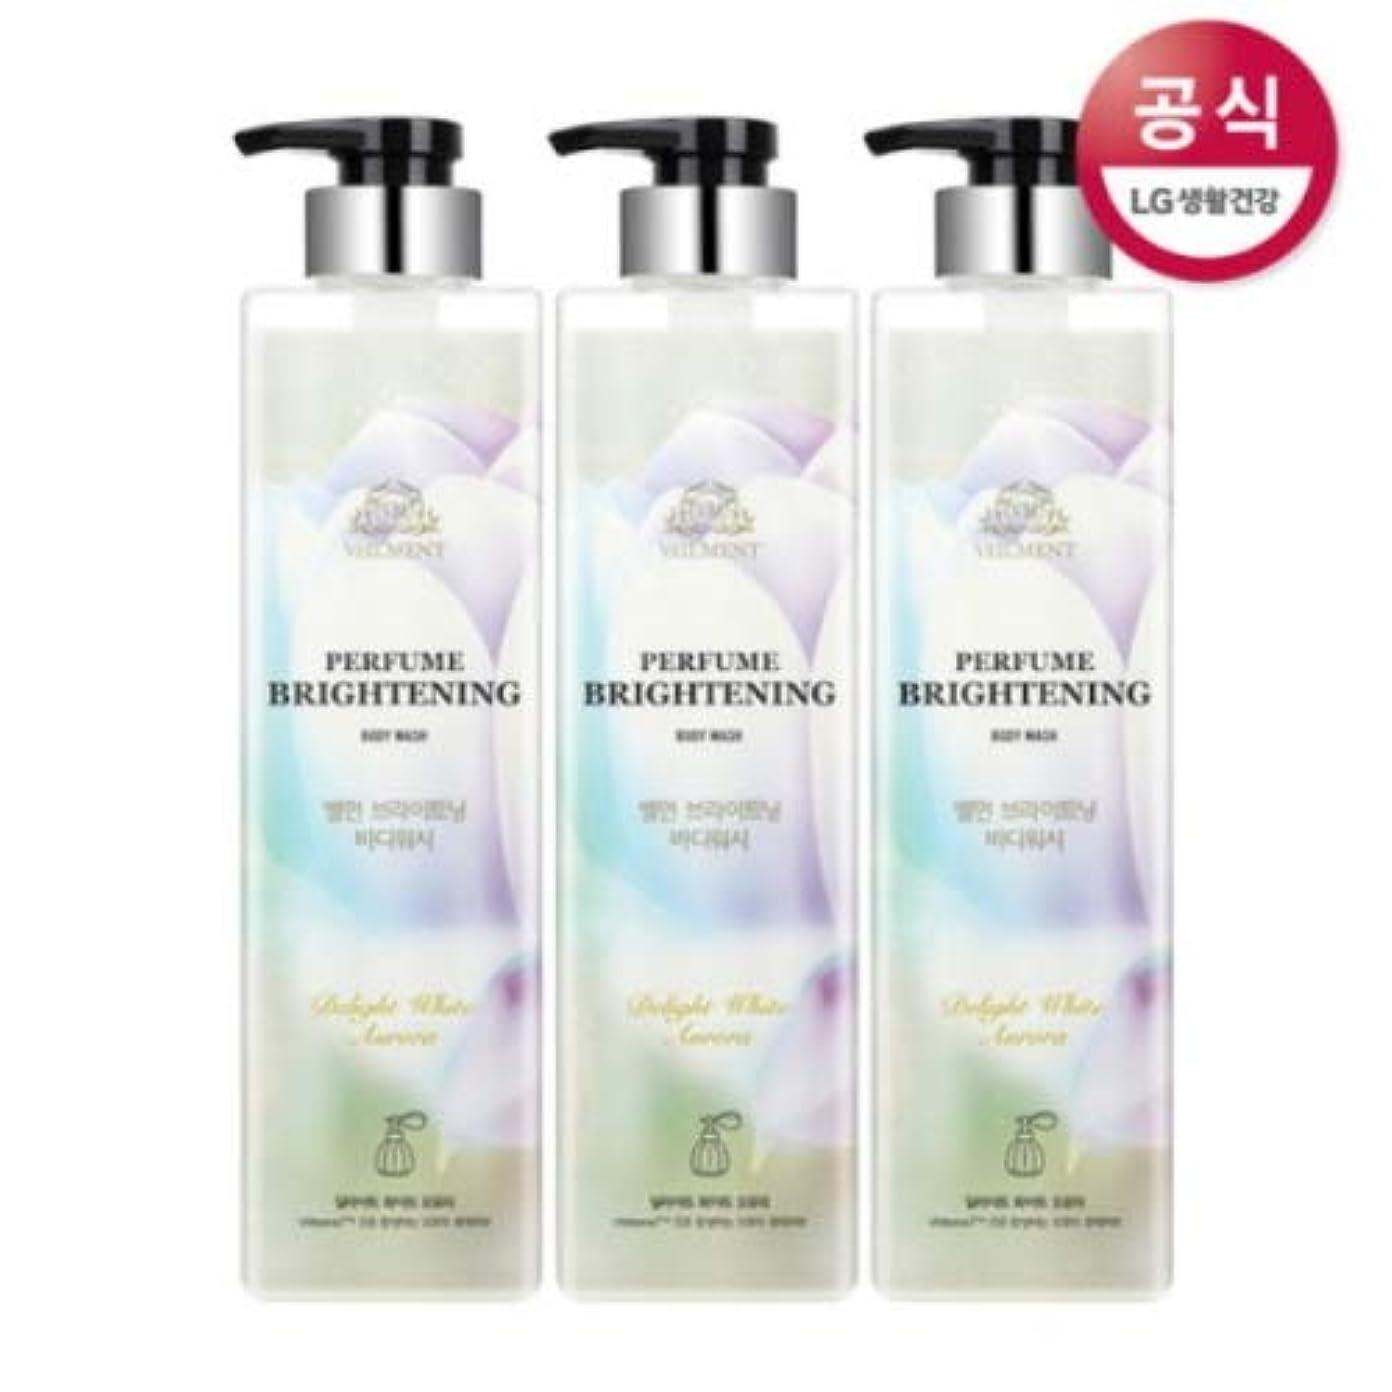 入場驚き増幅する[LG HnB] On the Body Belman Perfume Brightening Body Wash / オンザボディベルモンパフュームブライトニングボディウォッシュ680mlx3個(海外直送品)